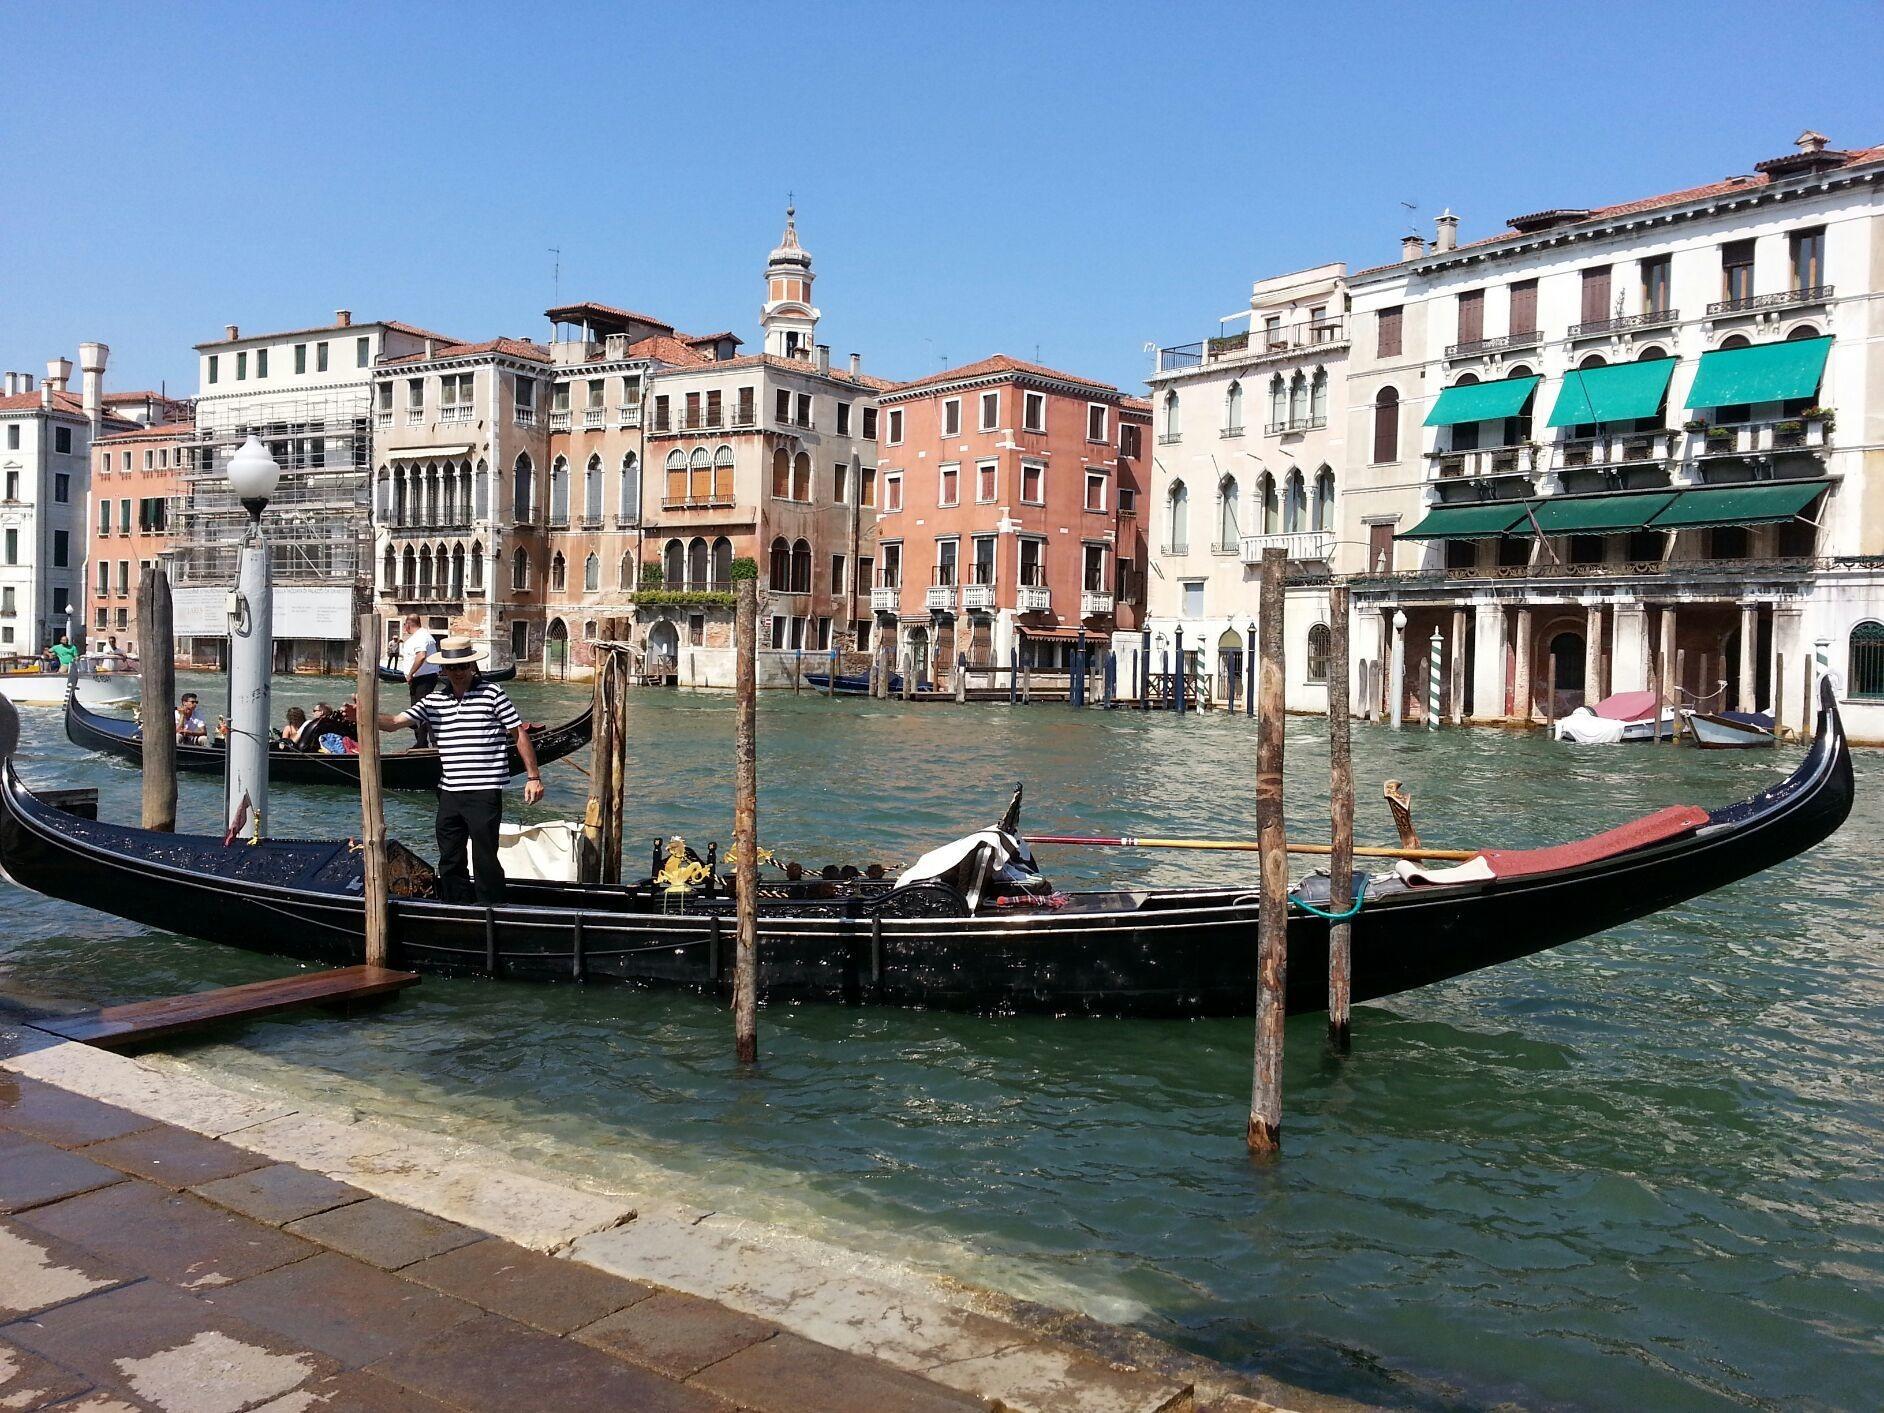 Venezia gondoliers